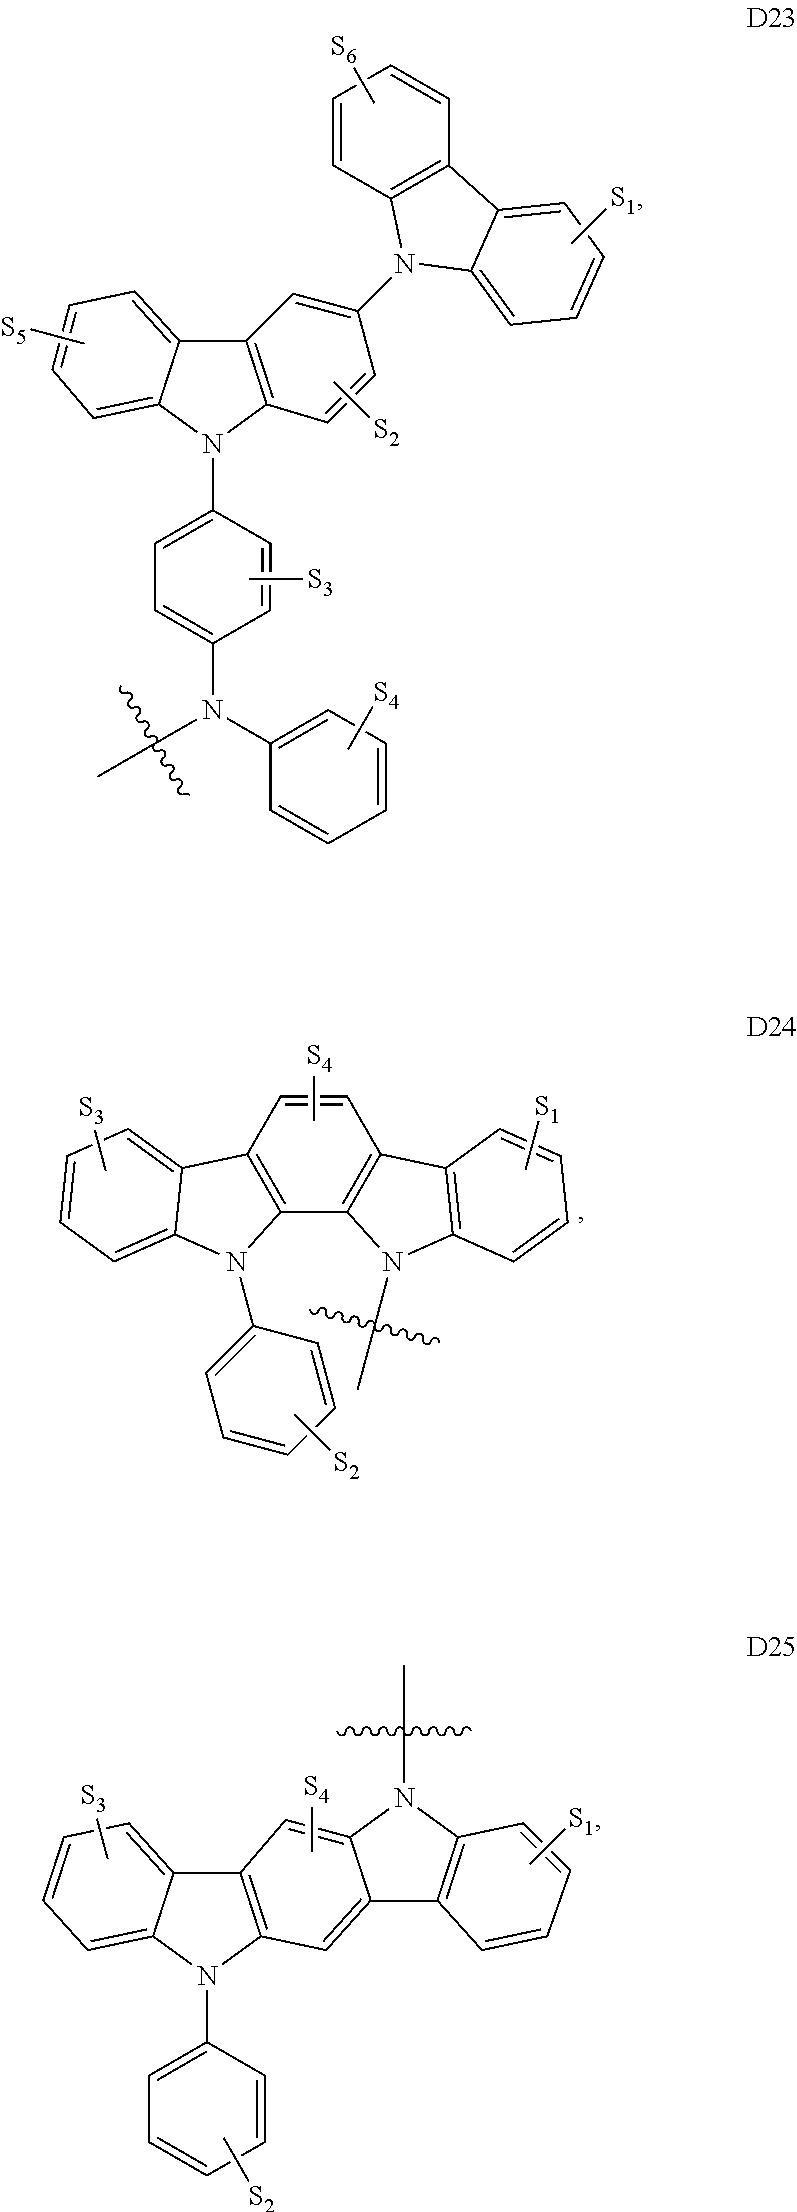 Figure US09537106-20170103-C00475